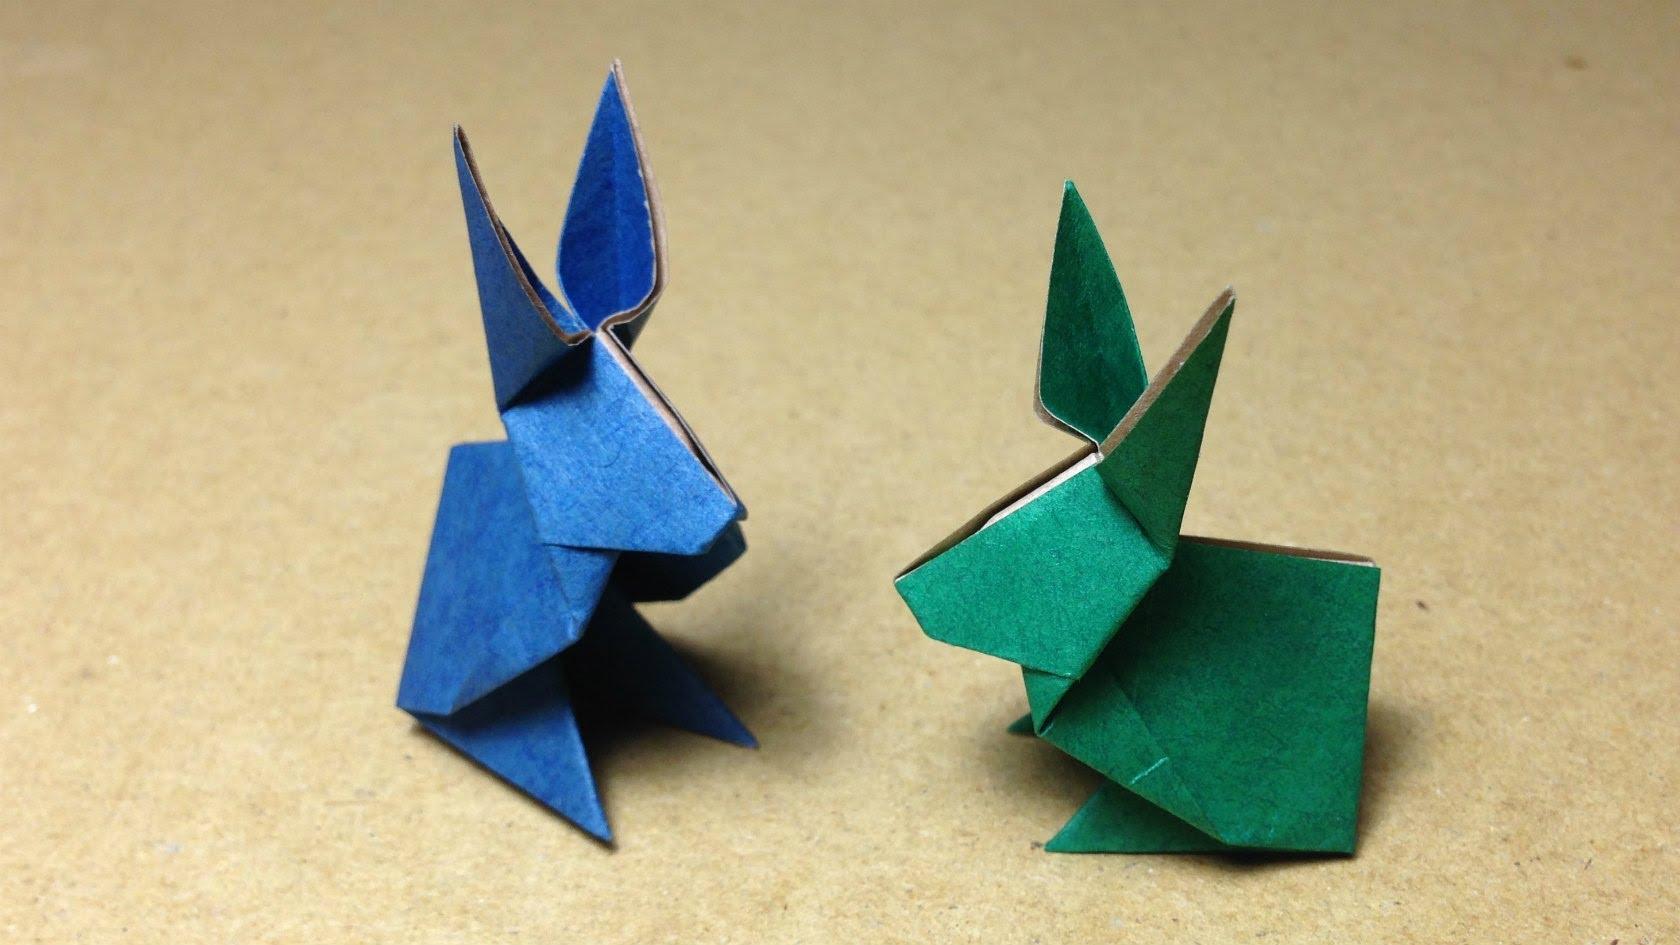 Cách xếp con thỏ bằng giấy phong cách origami